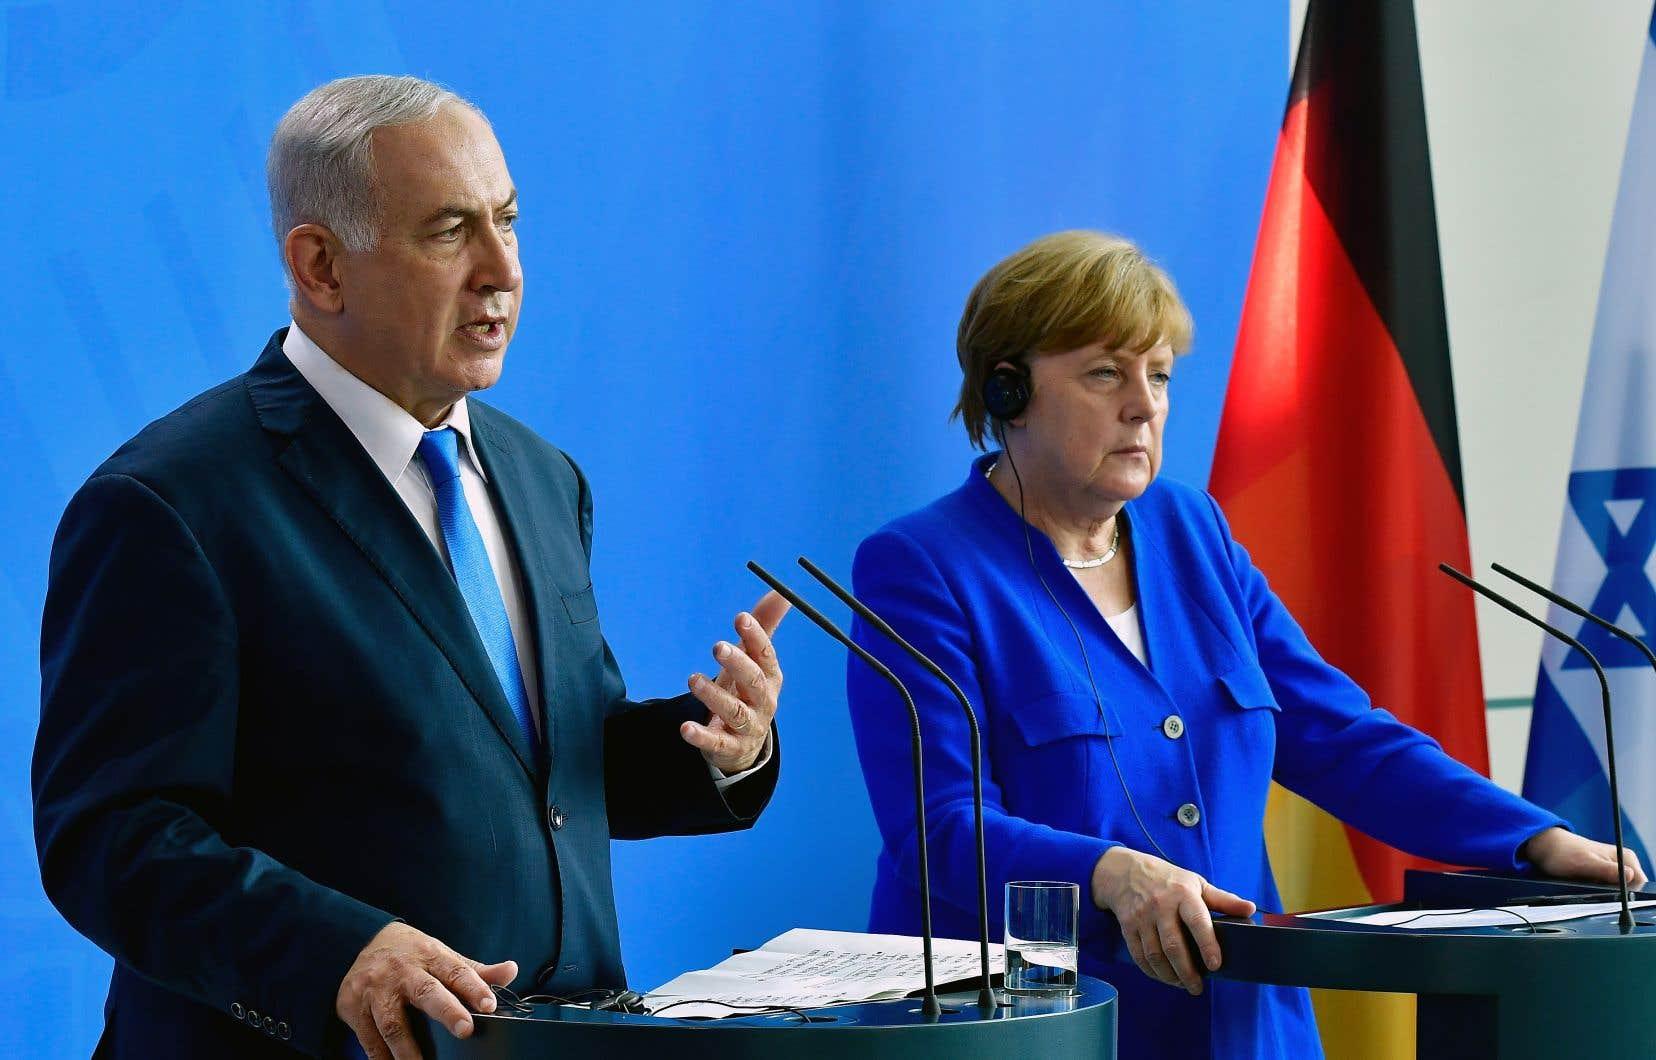 Le chef du gouvernement israélien,Benjamin Nétanyahou, entamait lundi à Berlin une tournée européenne qui le mènera ensuite à Paris et à Londres.